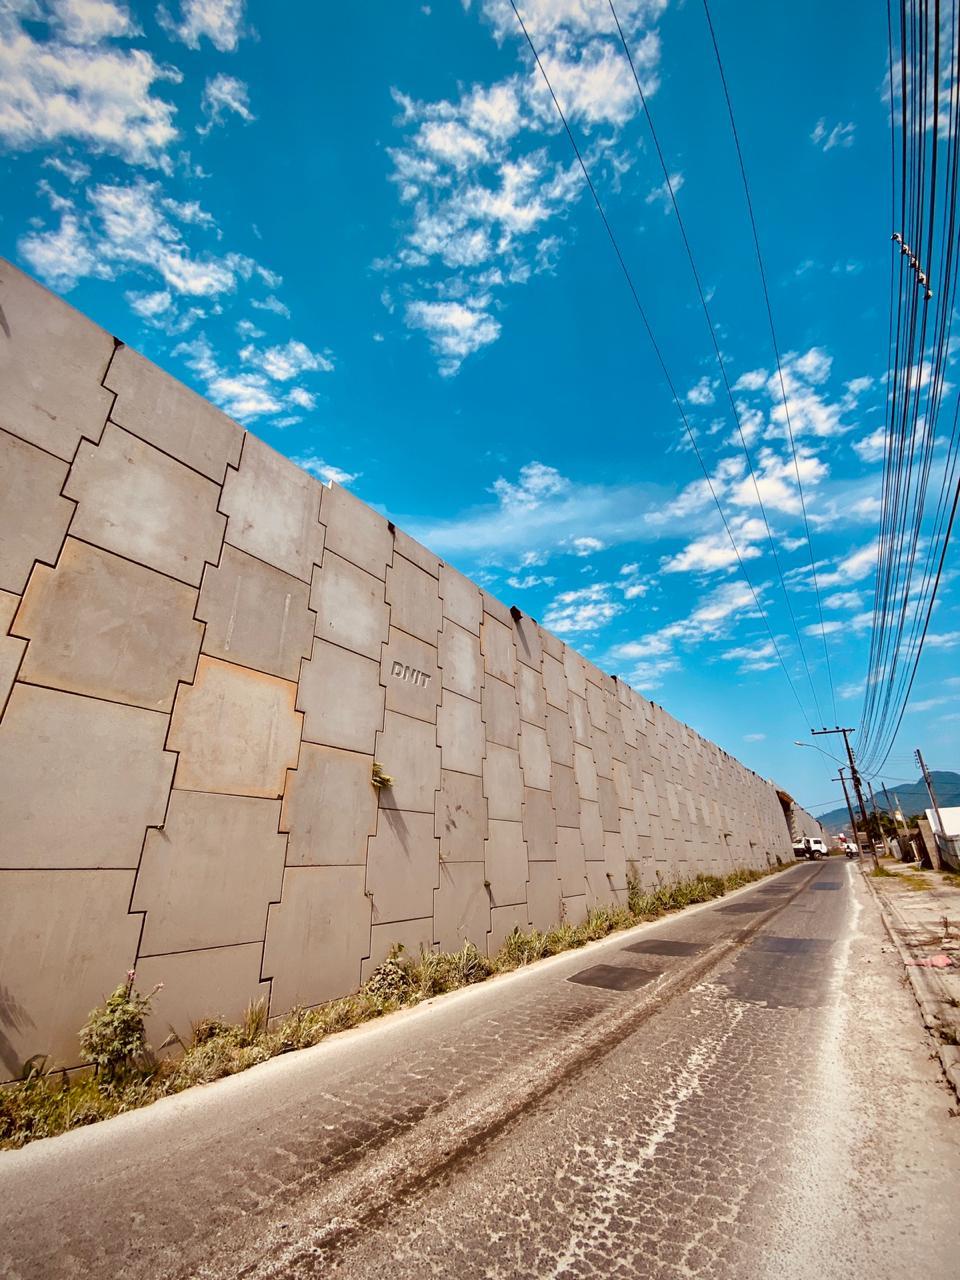 Foco da duplicação da BR-470 no Lote 4 é o acesso aos municípios de Indaial e Timbó - Moisés Stucker/NDTV